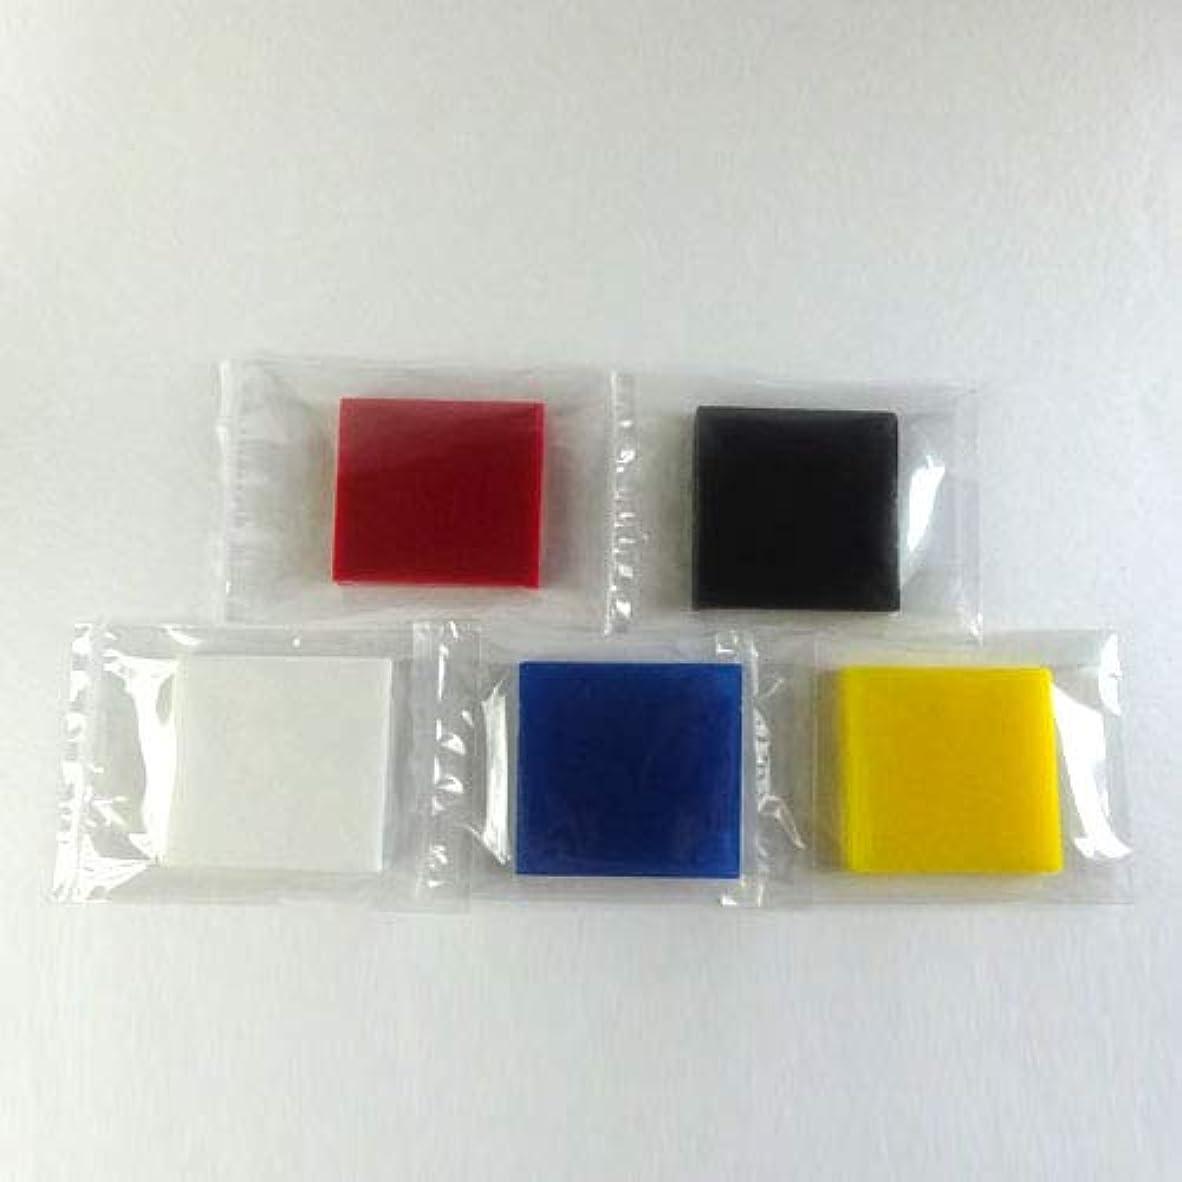 ブーム下に向けます副グリセリンソープ MPソープ 色チップ 5色(赤?青?黄?白?黒) 各30g